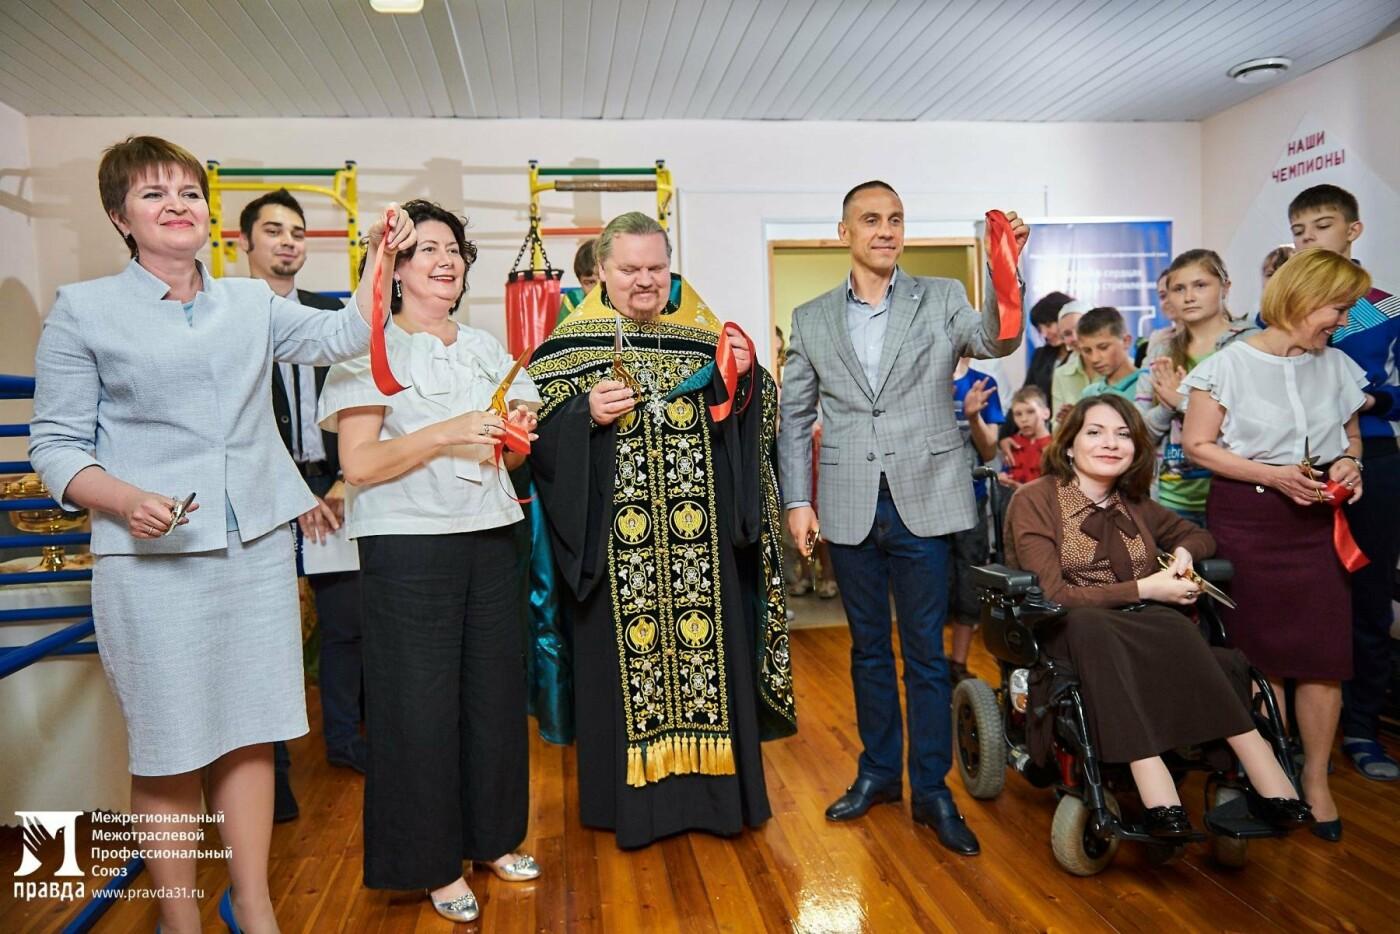 Профсоюз «Правда» вместе с белгородцами подарил тренажёры для реабилитации детей с особенностями здоровья, фото-2